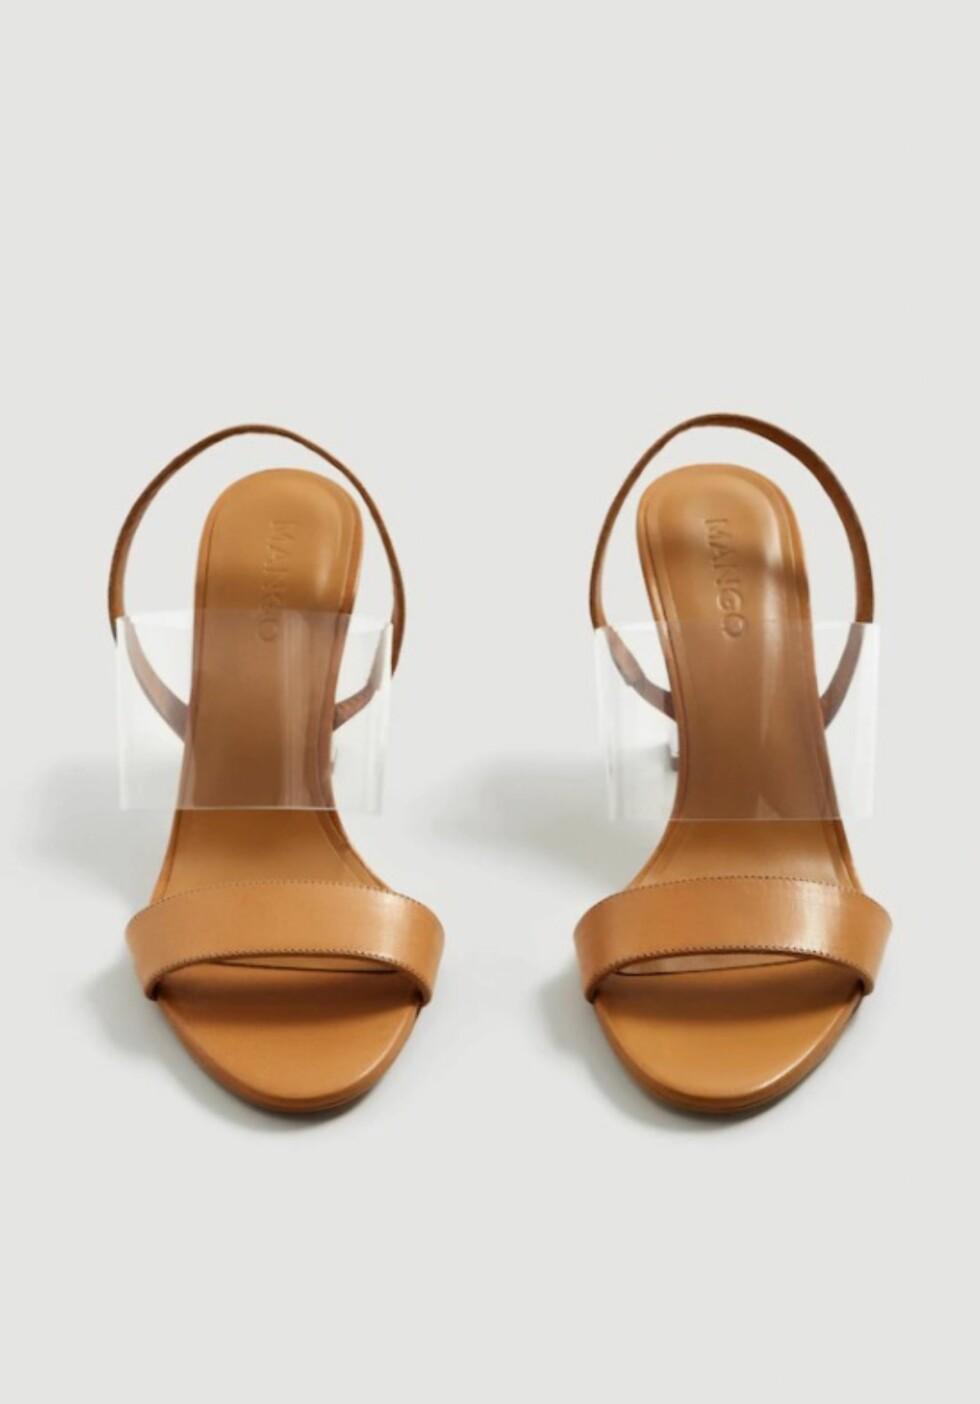 Sko fra Mango |799,-| https://shop.mango.com/no/damer/sko-sandaler-med-h%C3%A6l/hal-lader-sandaler_23085026.html?c=CU&n=1&s=search